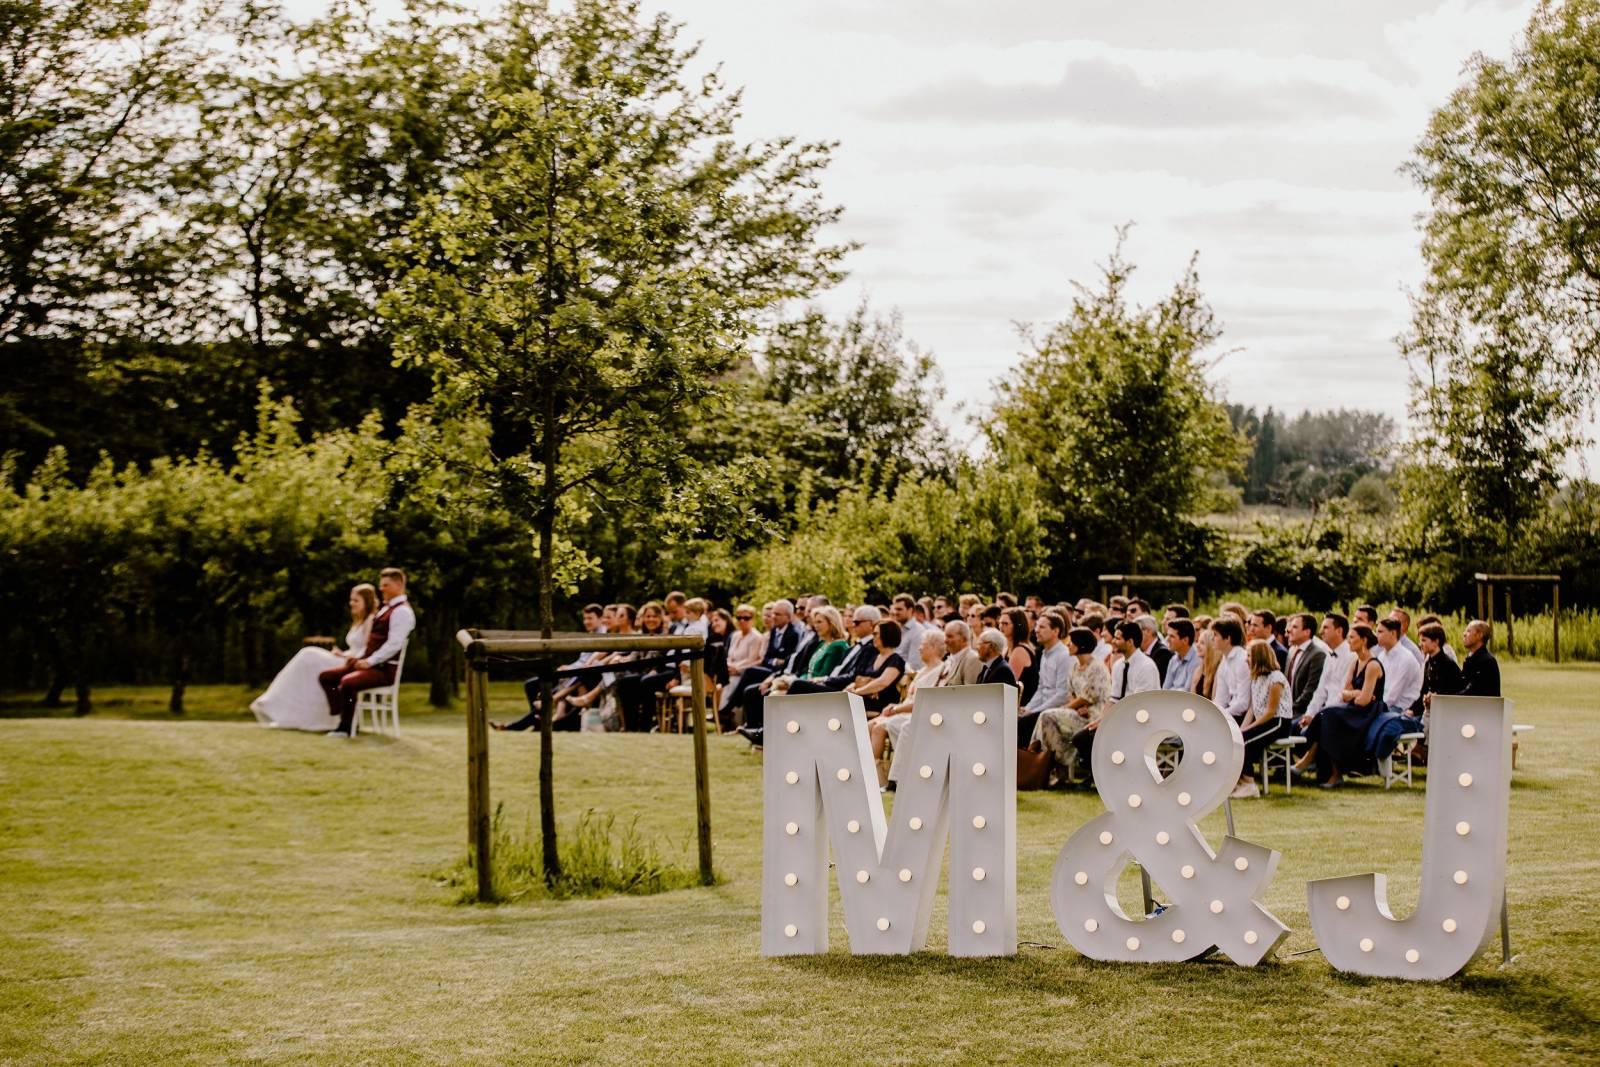 XtraLetter - Decoratie - Fotograaf LUX Visual Storytellers - House of Weddings - 5